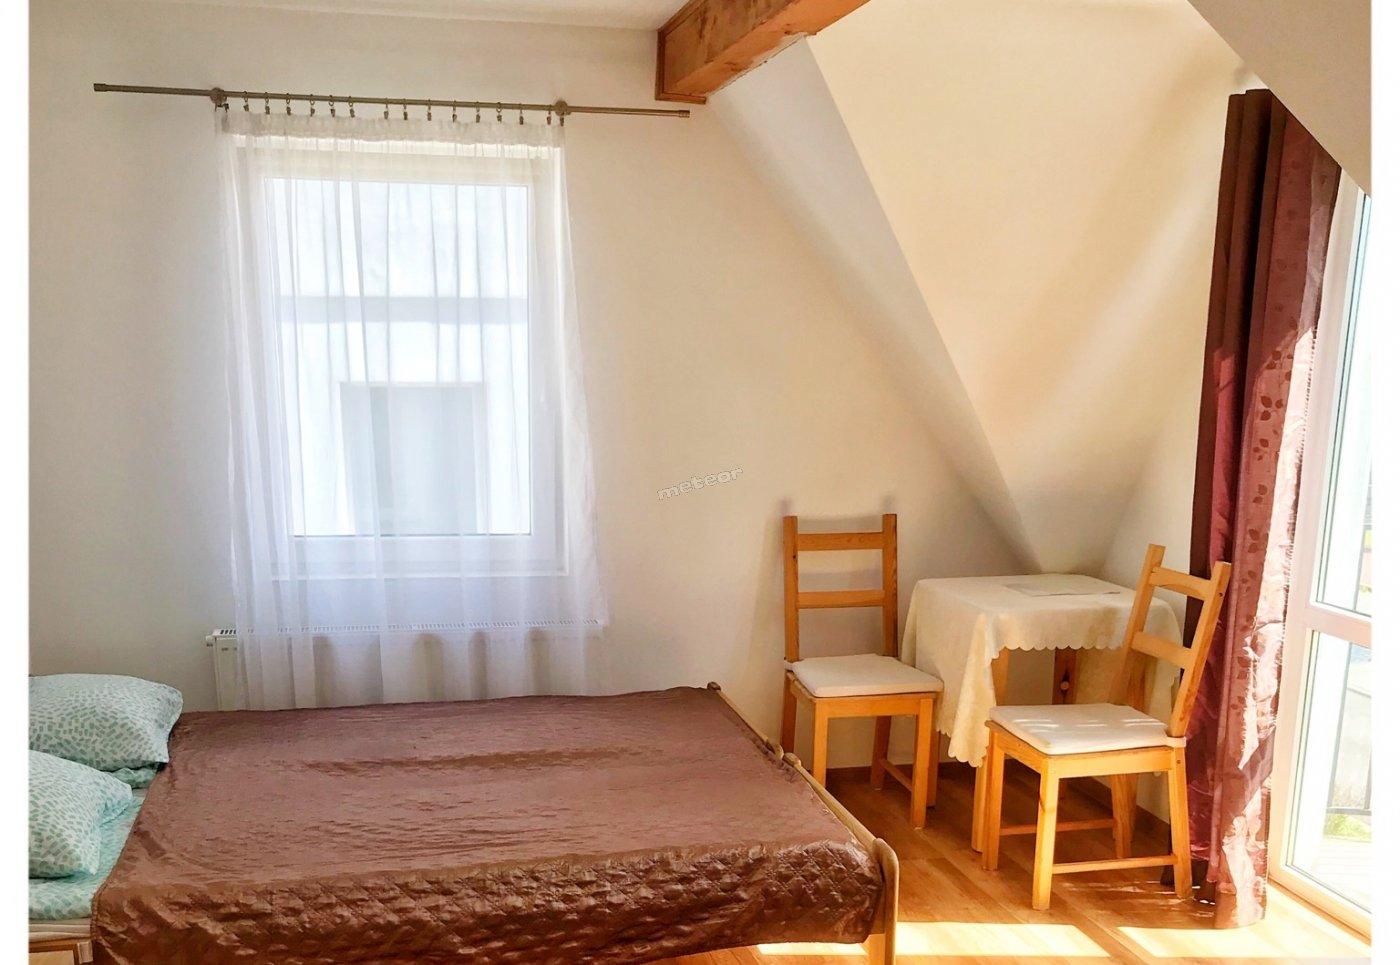 Pokój 2-osobowy z balkonem i łazienką. Łazienka jest z wanną. Pokój znajduje się na pierwszym, ostatnim piętrze.